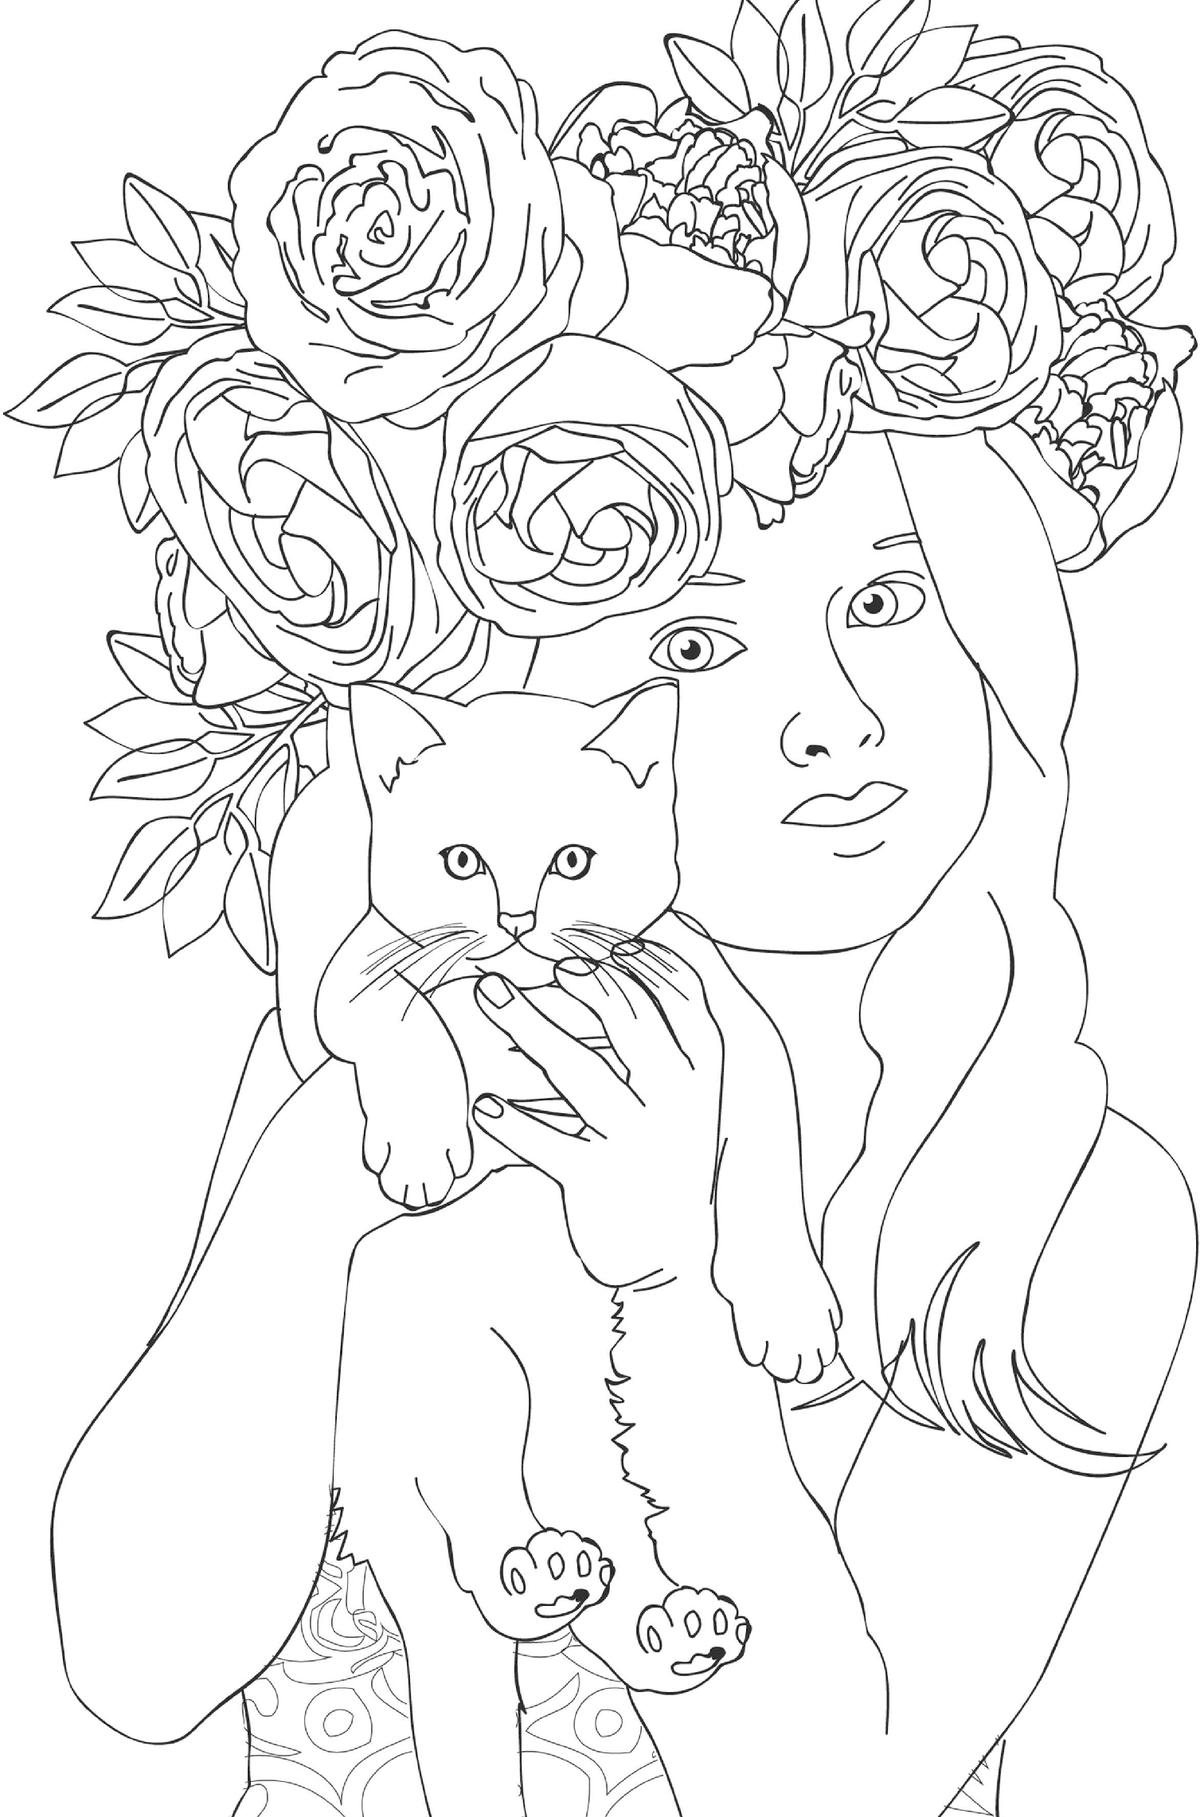 Тур открытки, девочка с котенком картинки для распечатки